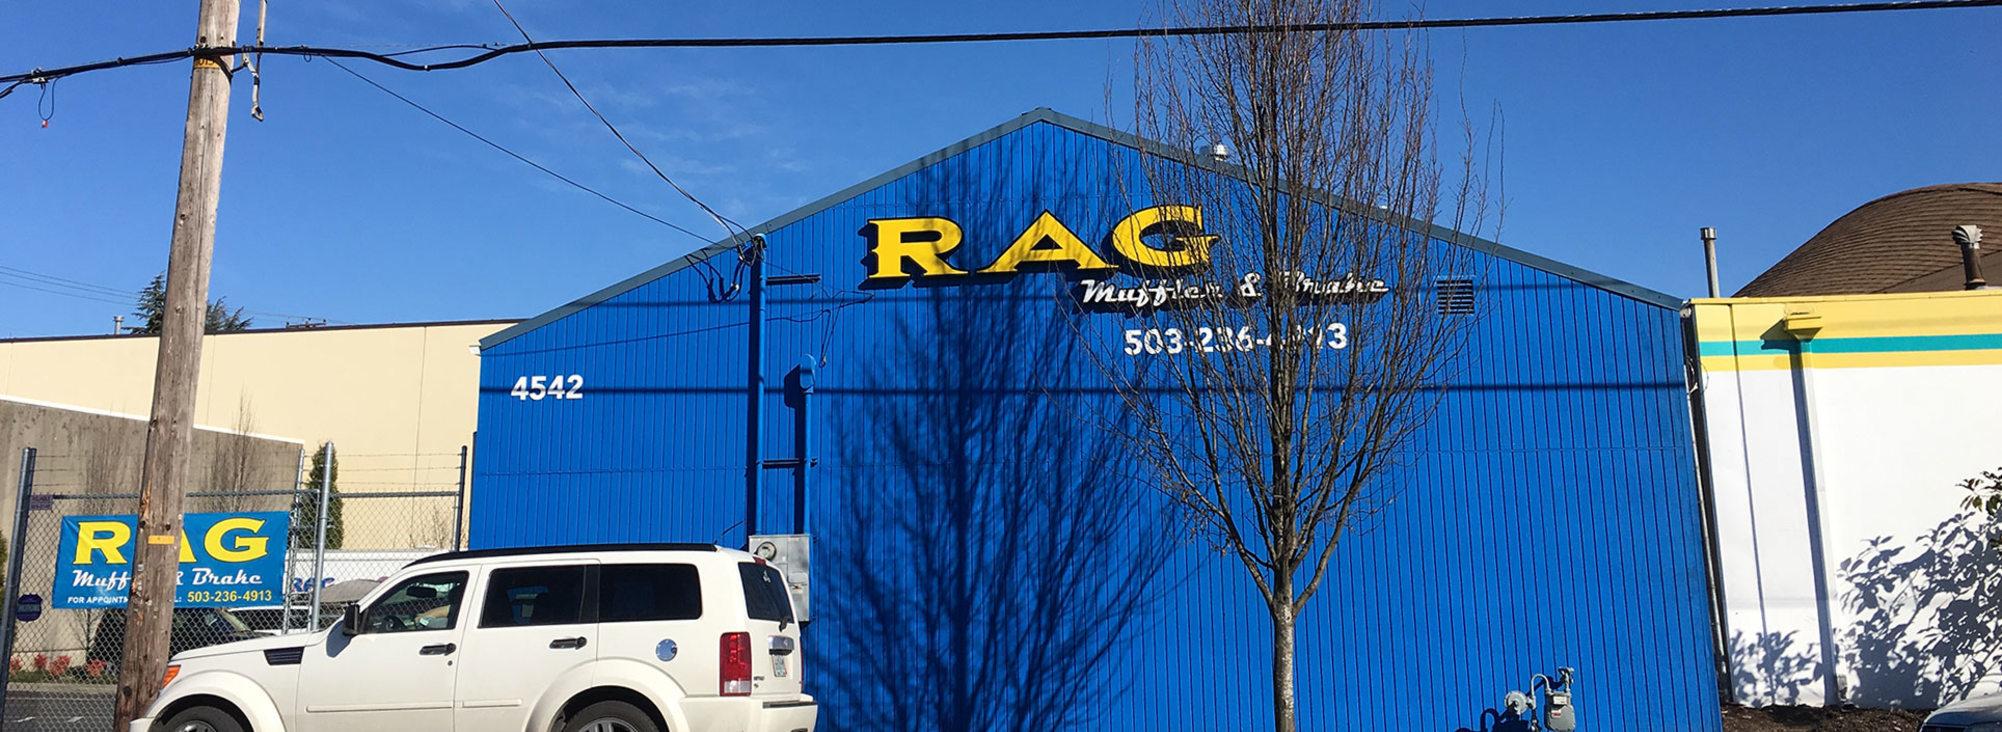 el exterior del negocio Rag Muffler & Brakes